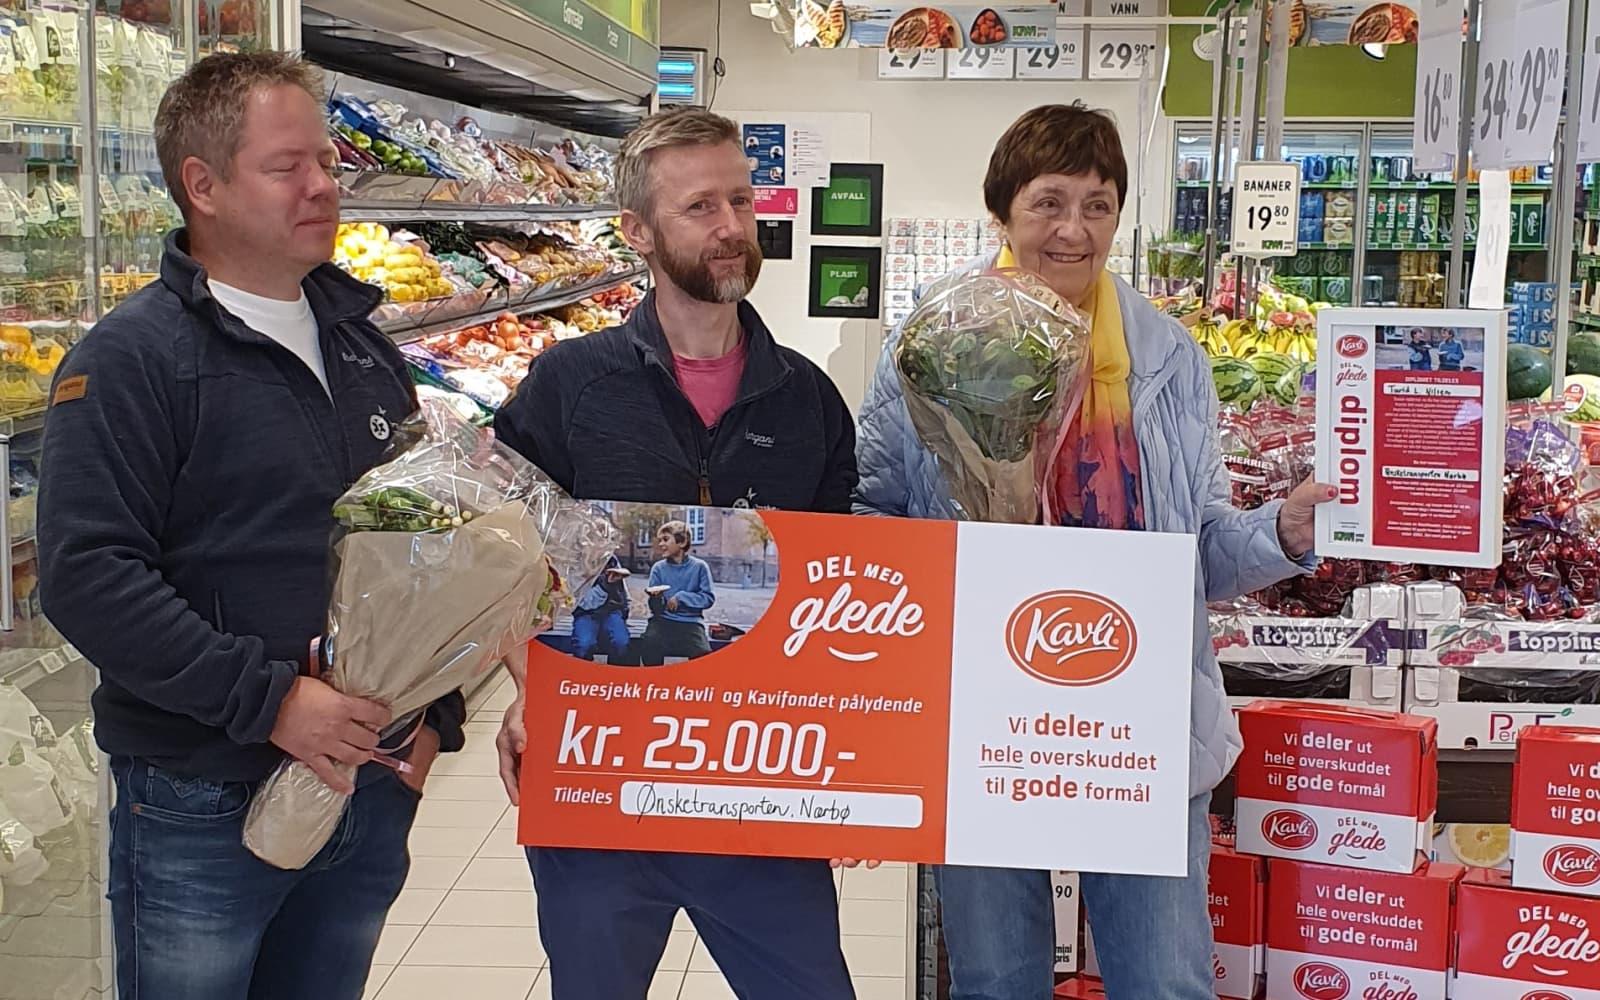 Børge Hognestad og Christian Christensen fra Ønsketransporten mottar gavesjekken på 25.000 kroner hos KIWI Nærbø, sammen med Turid Lindheim Nilsen som nominerte dem.